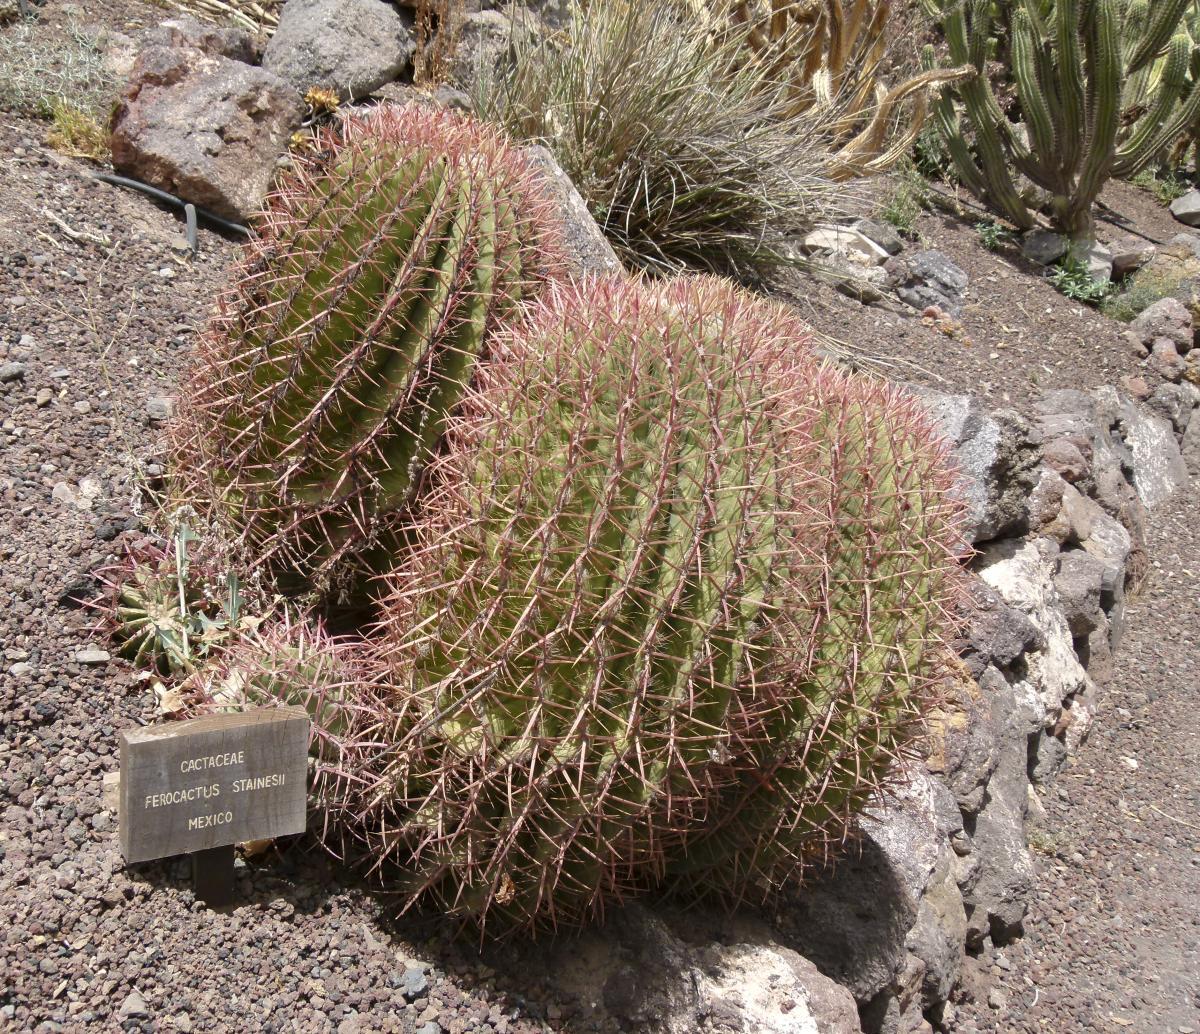 Vista del Ferocactus stainesii